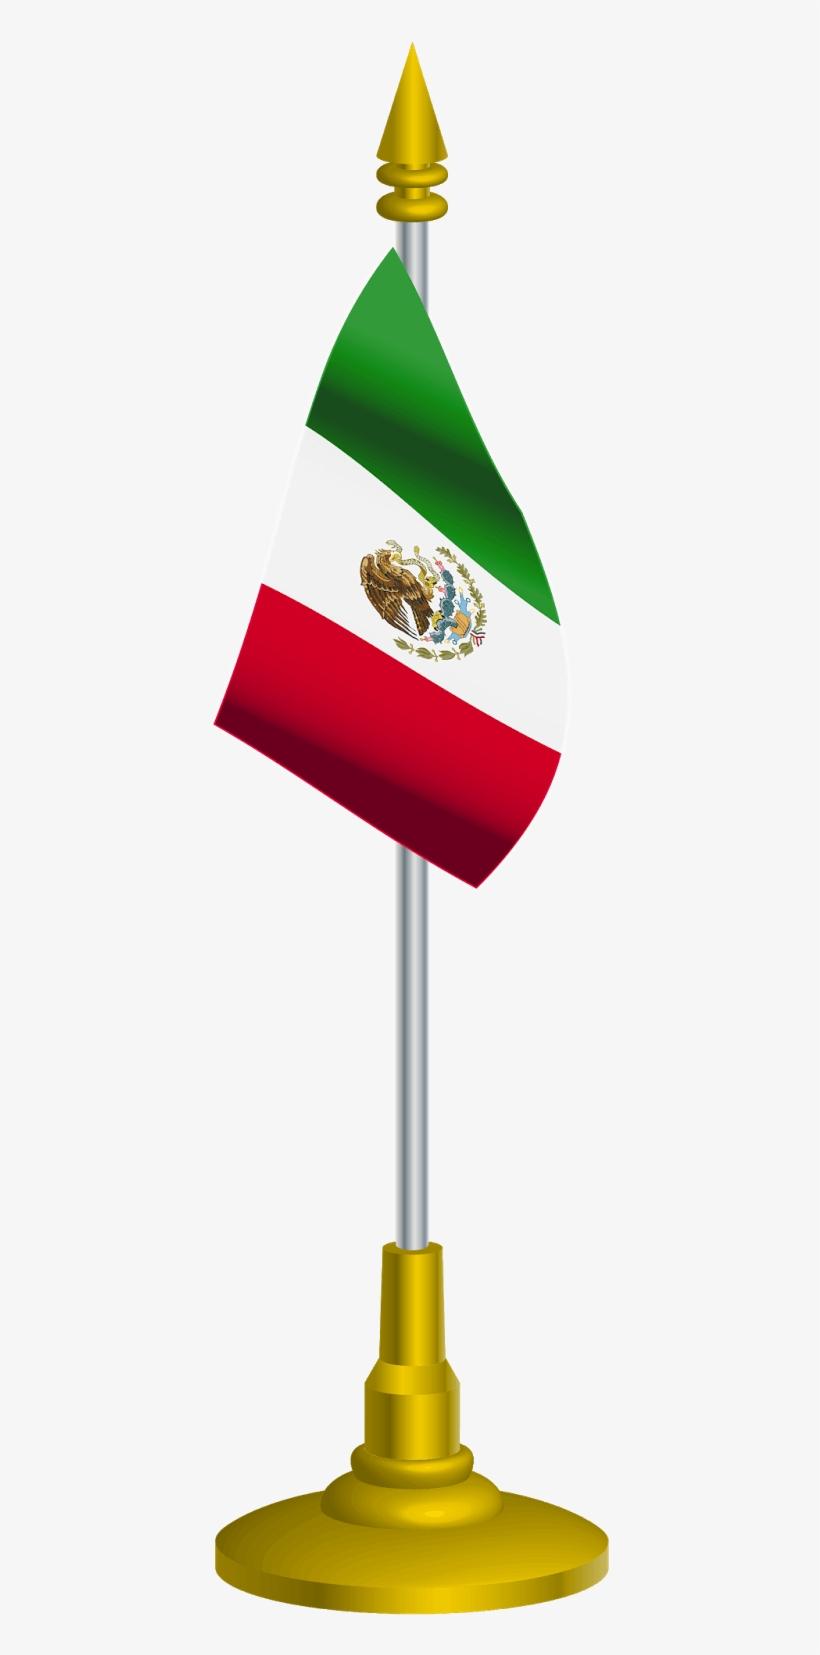 Bandera Mexicana Fotos.